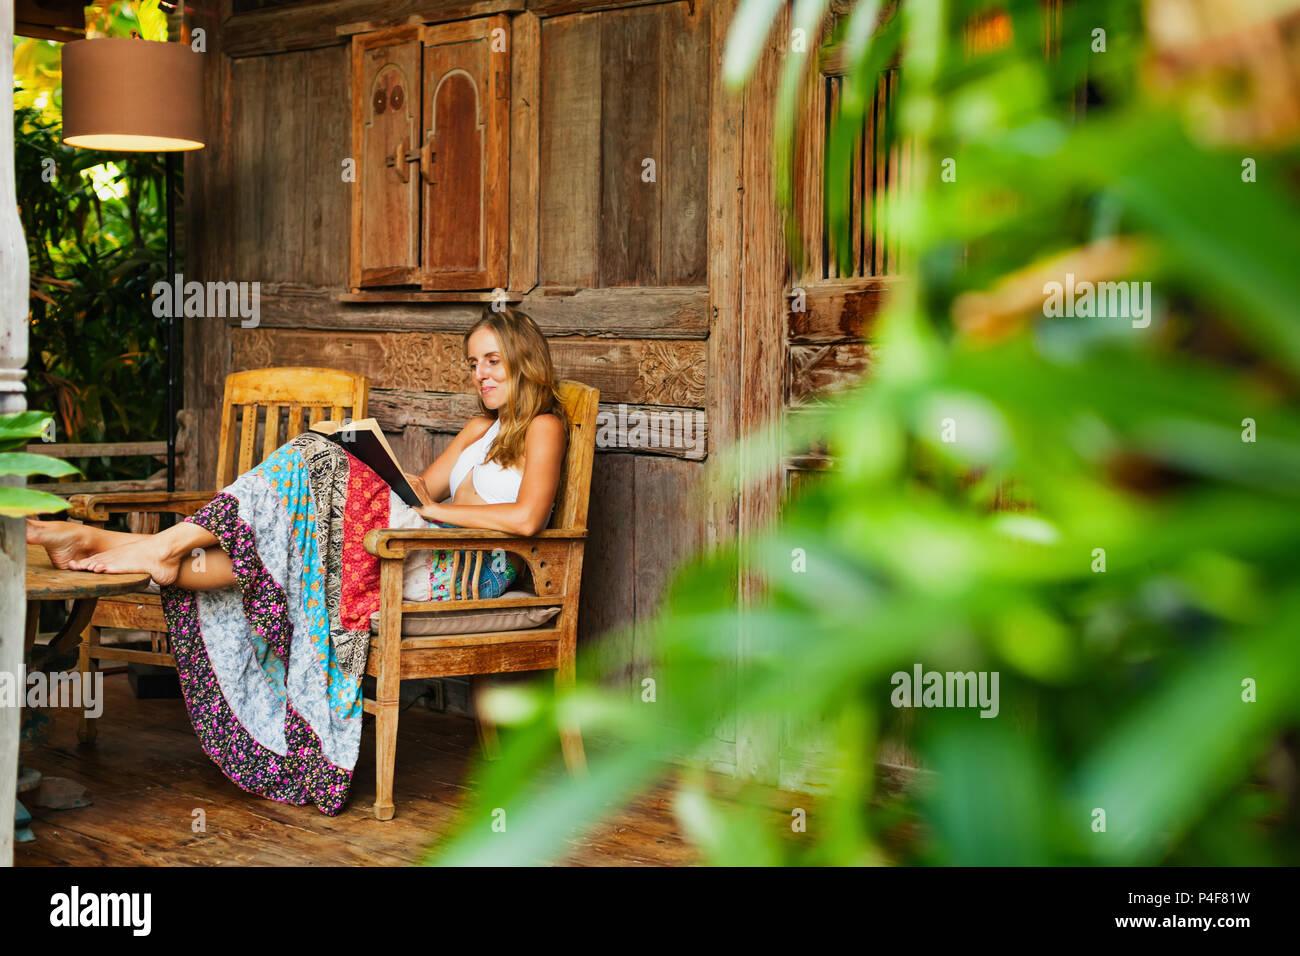 Attraktives Mädchen sitzen auf der Veranda des Bungalows mit tropischem Gartenblick, Romanze in Papier Buch lesen. Junge Frau, die sich in Luxus Villa Stockbild